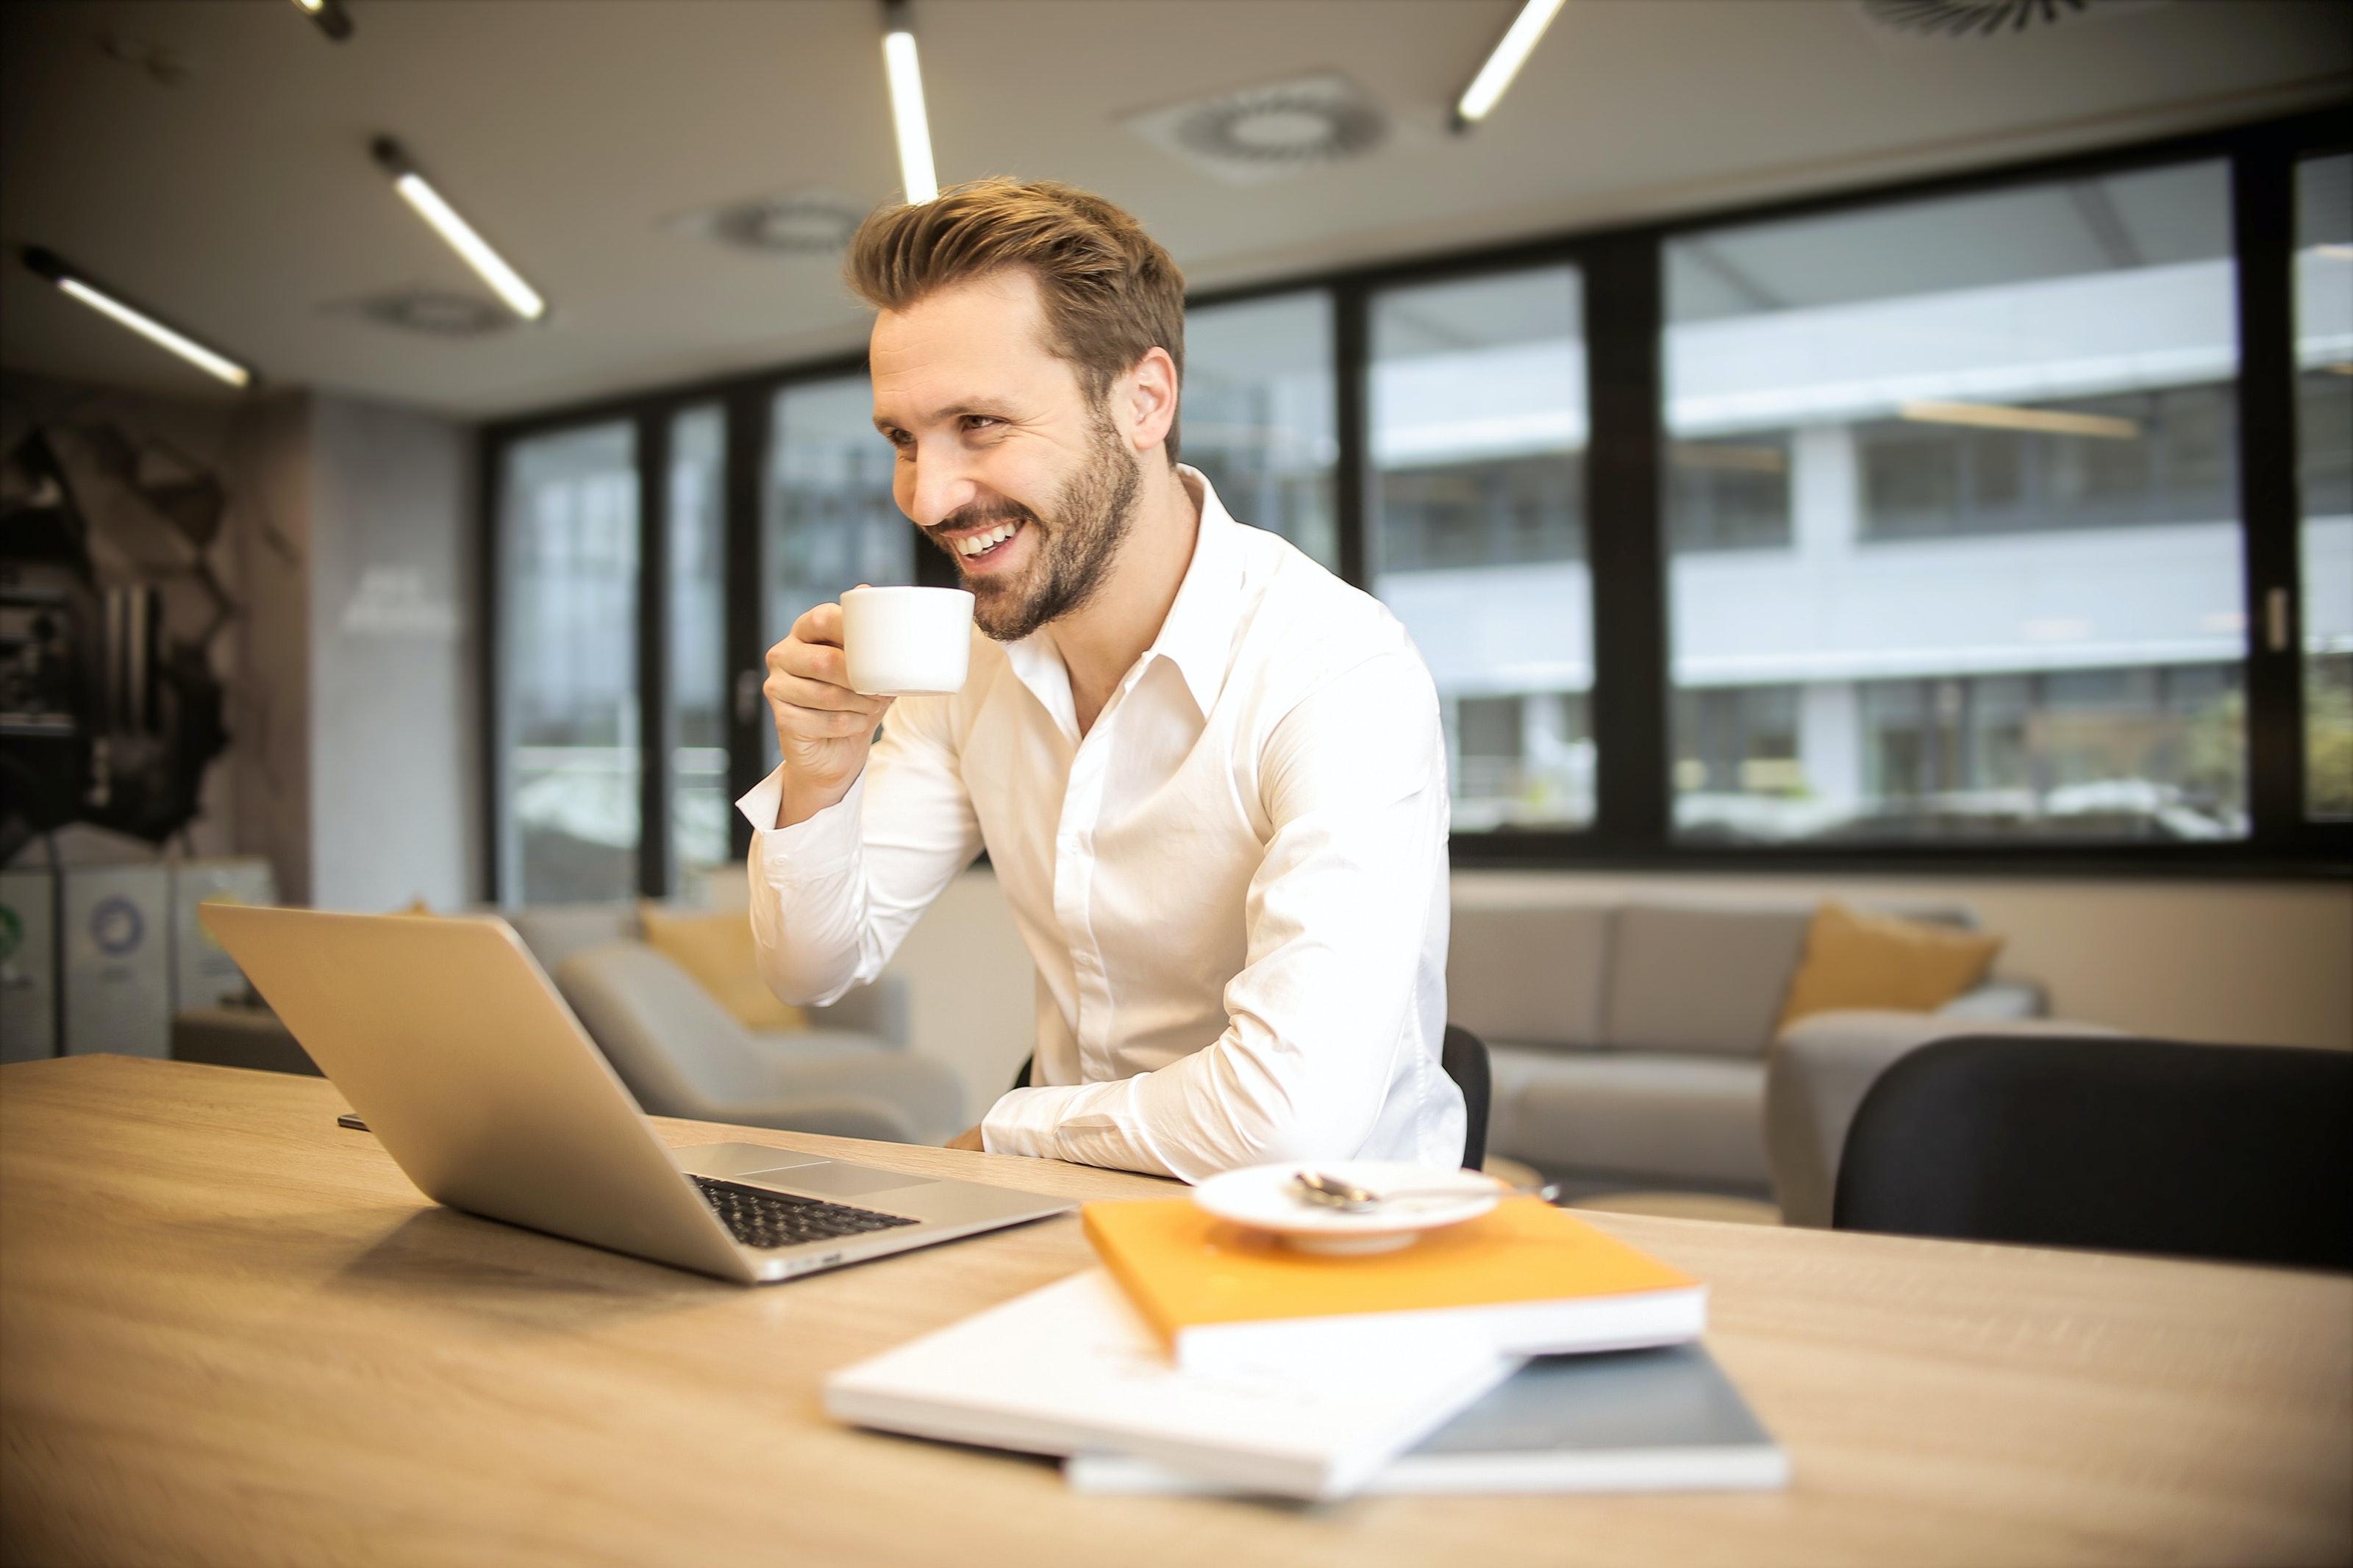 パソコンに向かって笑顔でコーヒーを飲む男性